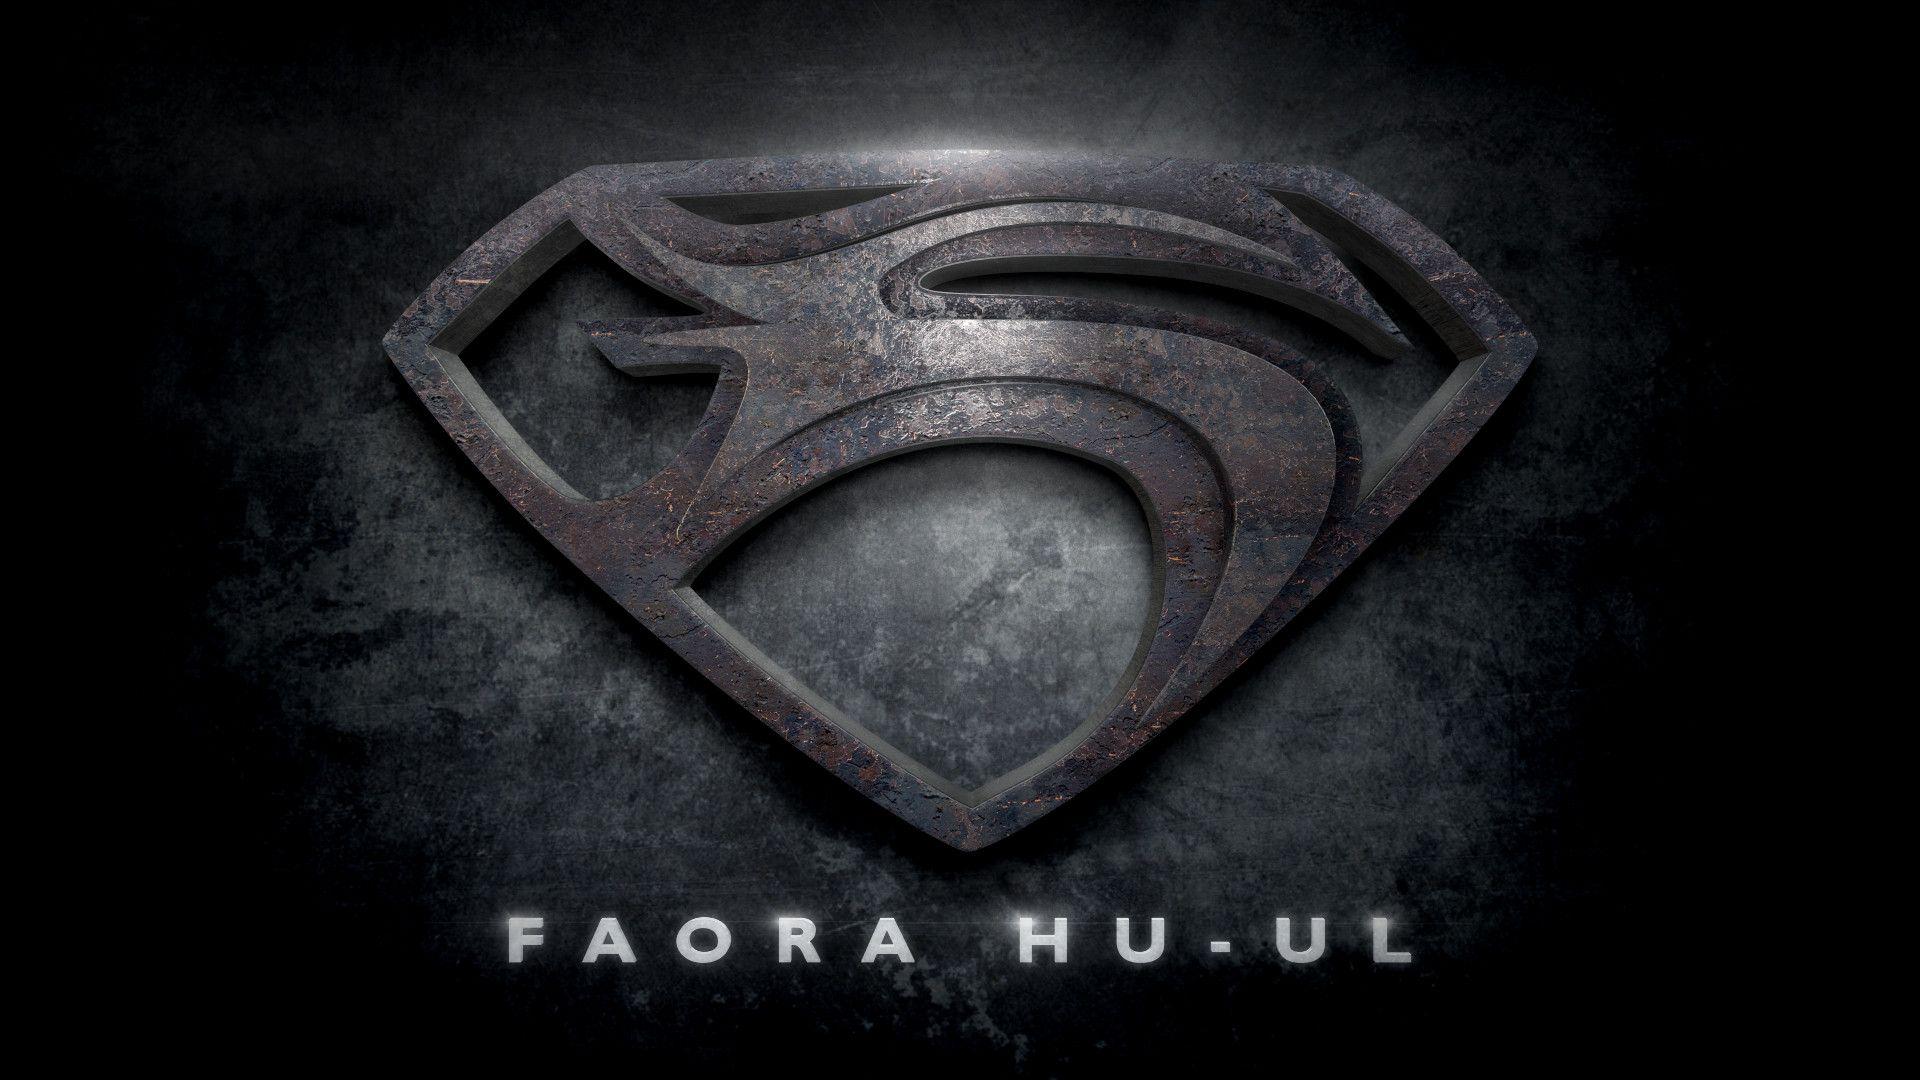 Faoras logo from man of steel httpredbubblepeople faora hu ul symbol man of steel biocorpaavc